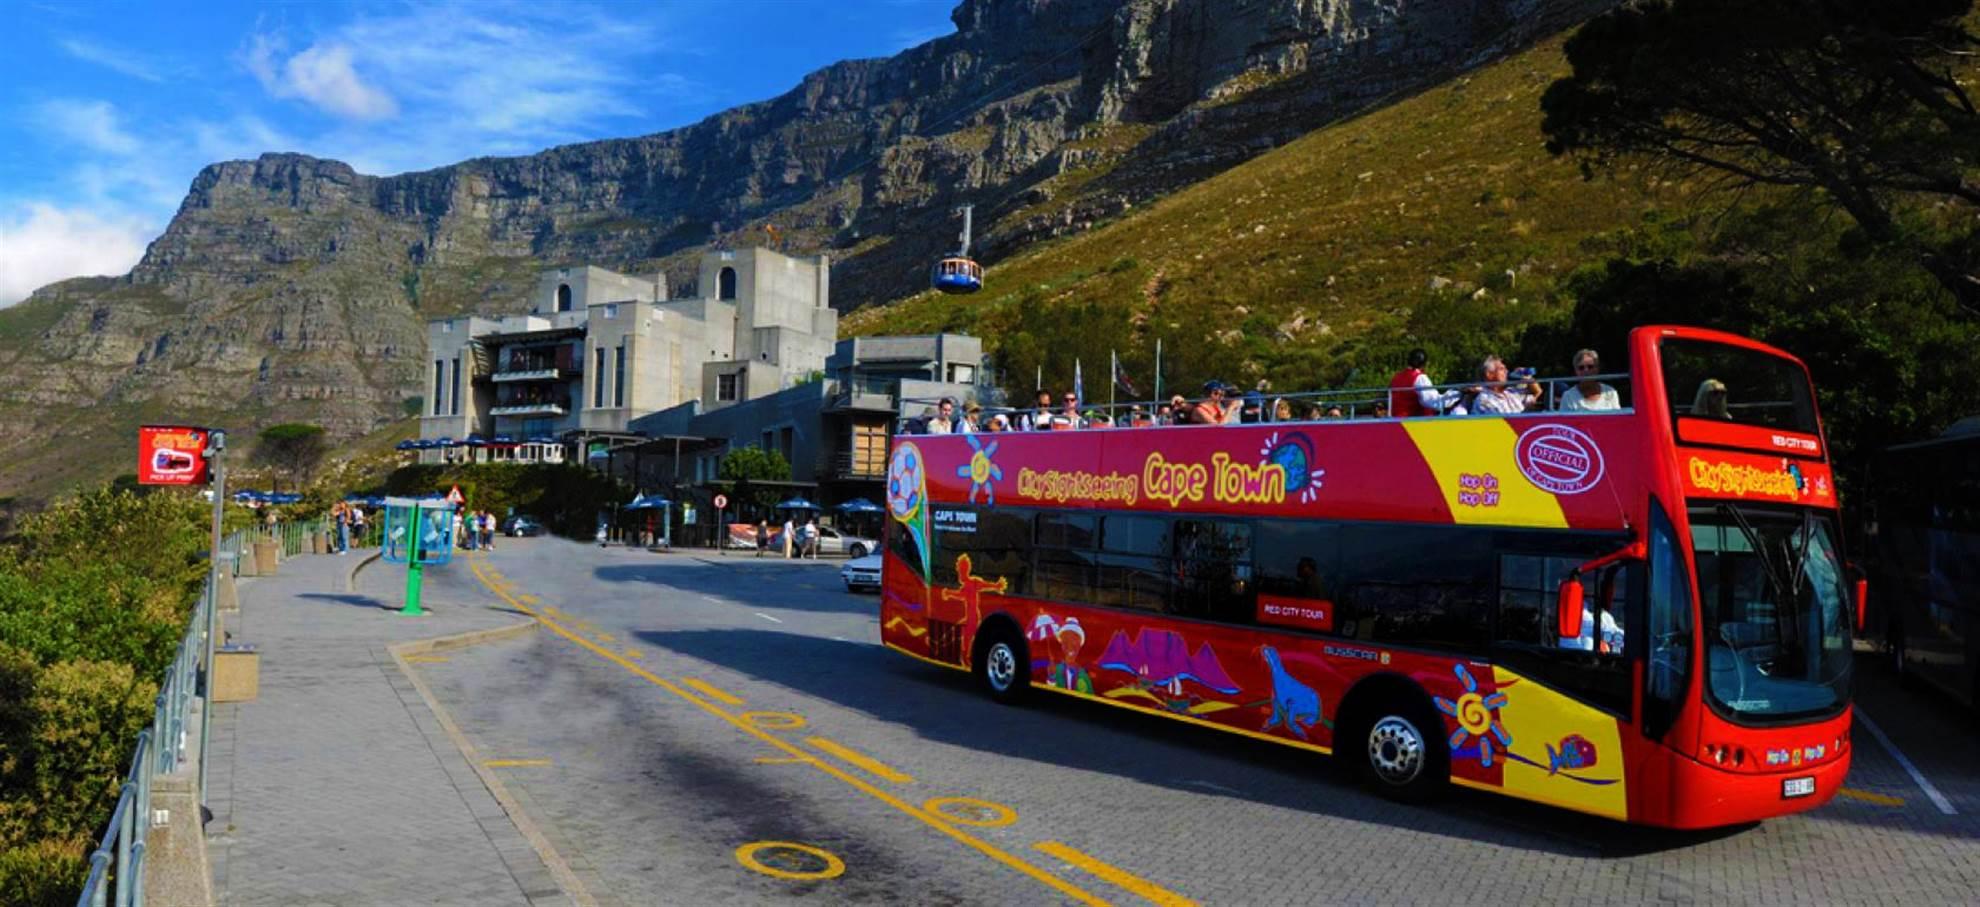 Le Cap - Hop on Hop off bus